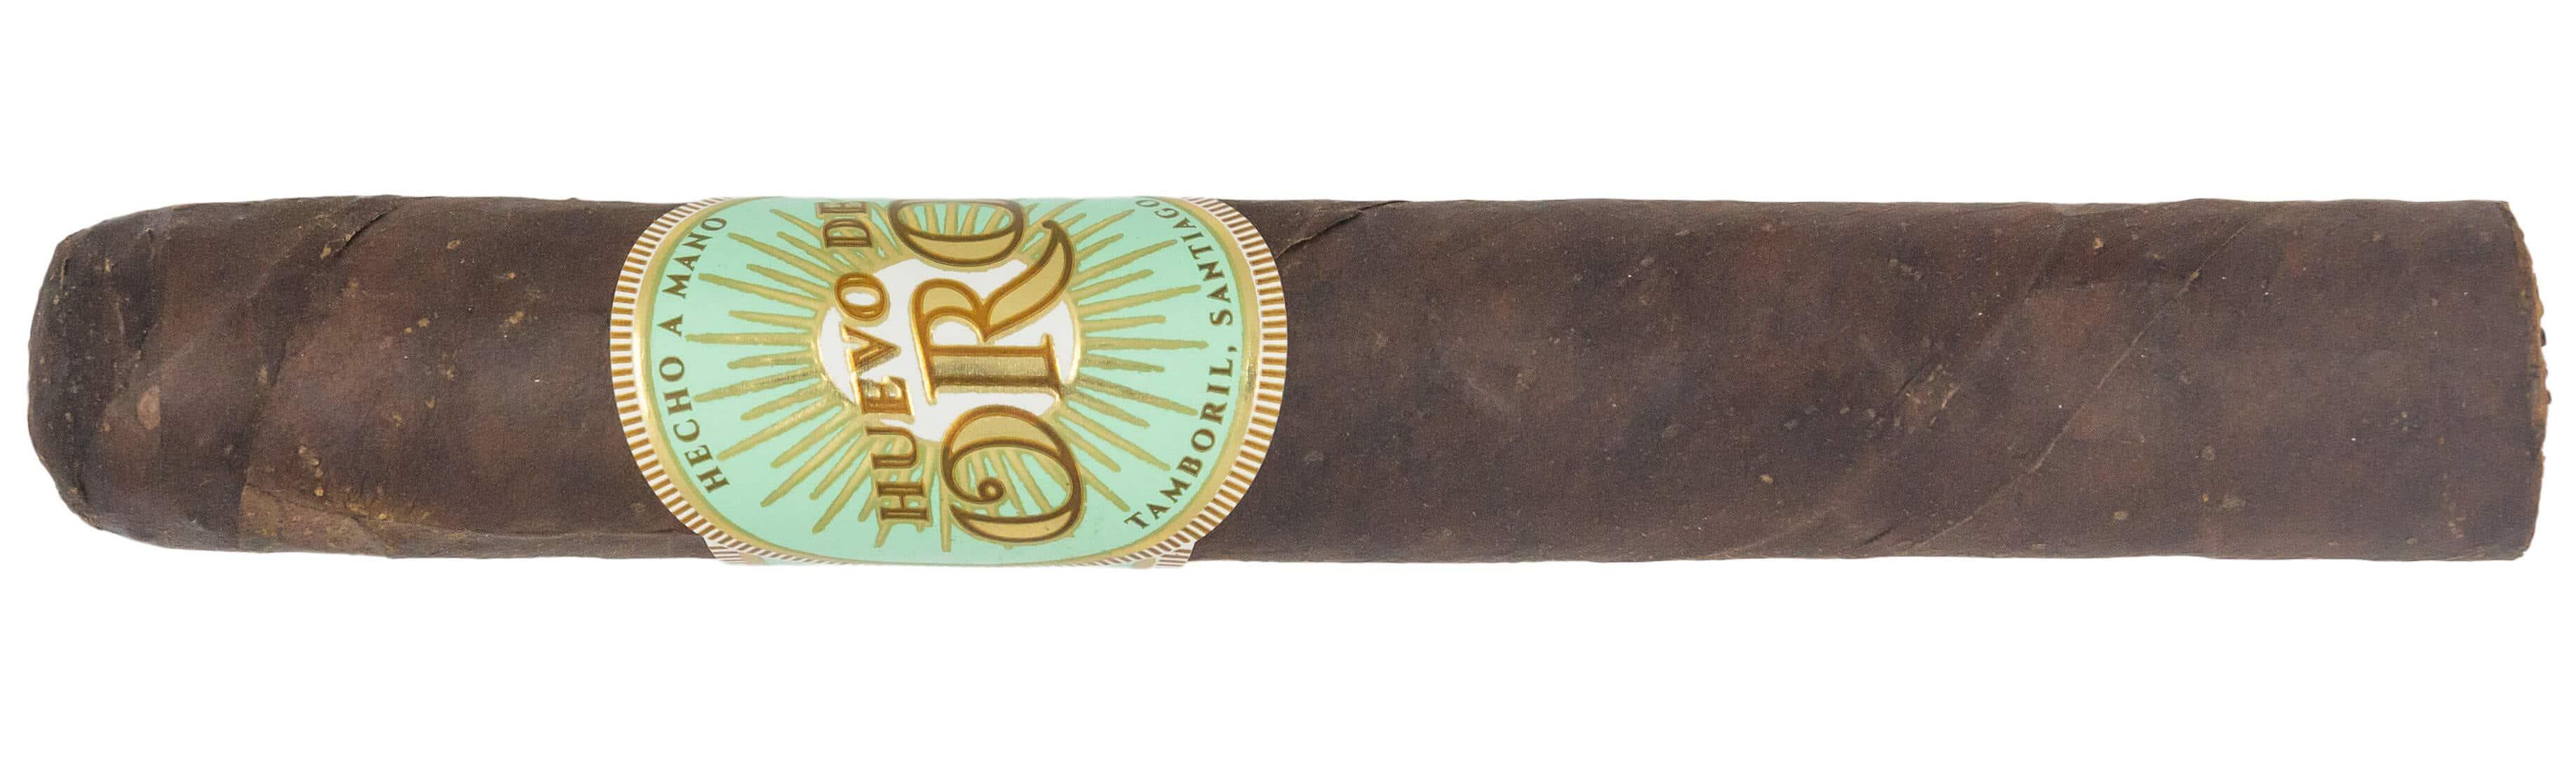 Blind Cigar Review: Camaleón | Huevo de Oro Corona Gorda